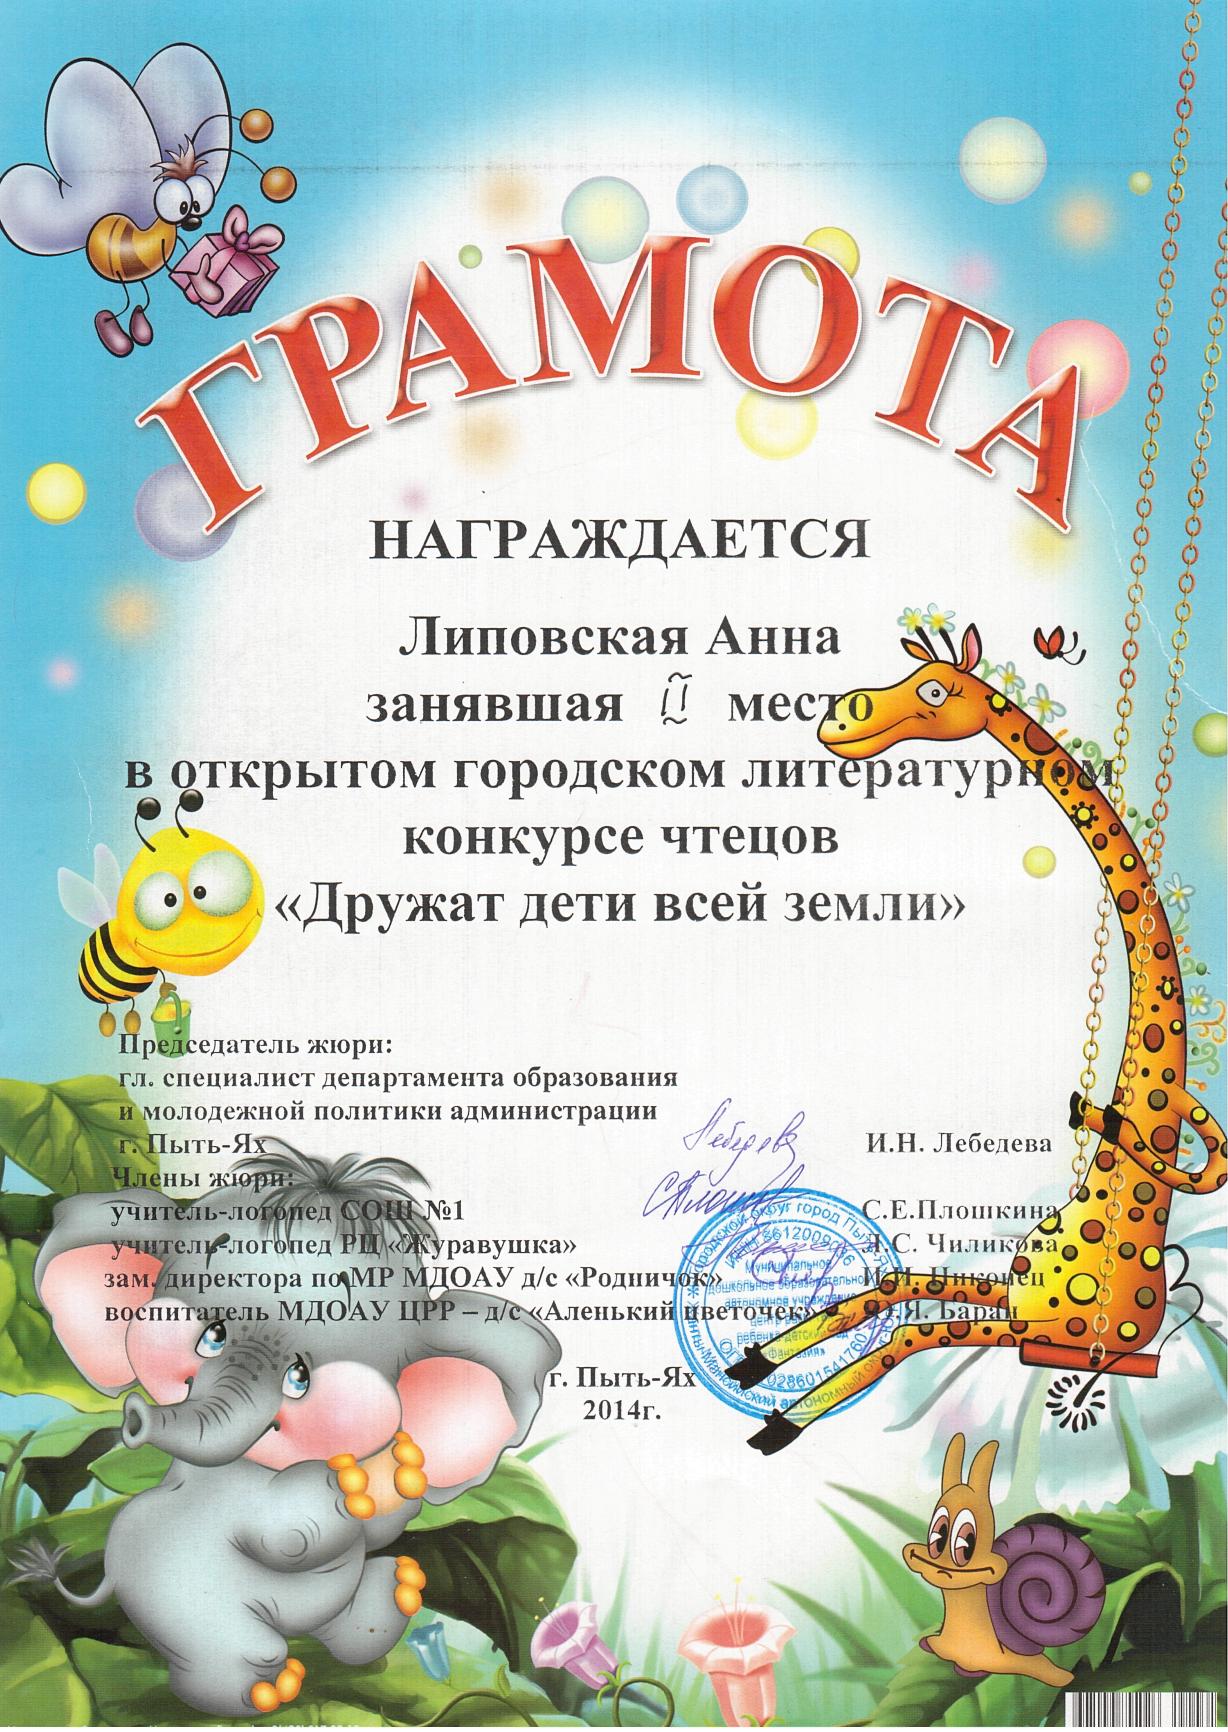 Дипломы за конкурсы чтецов